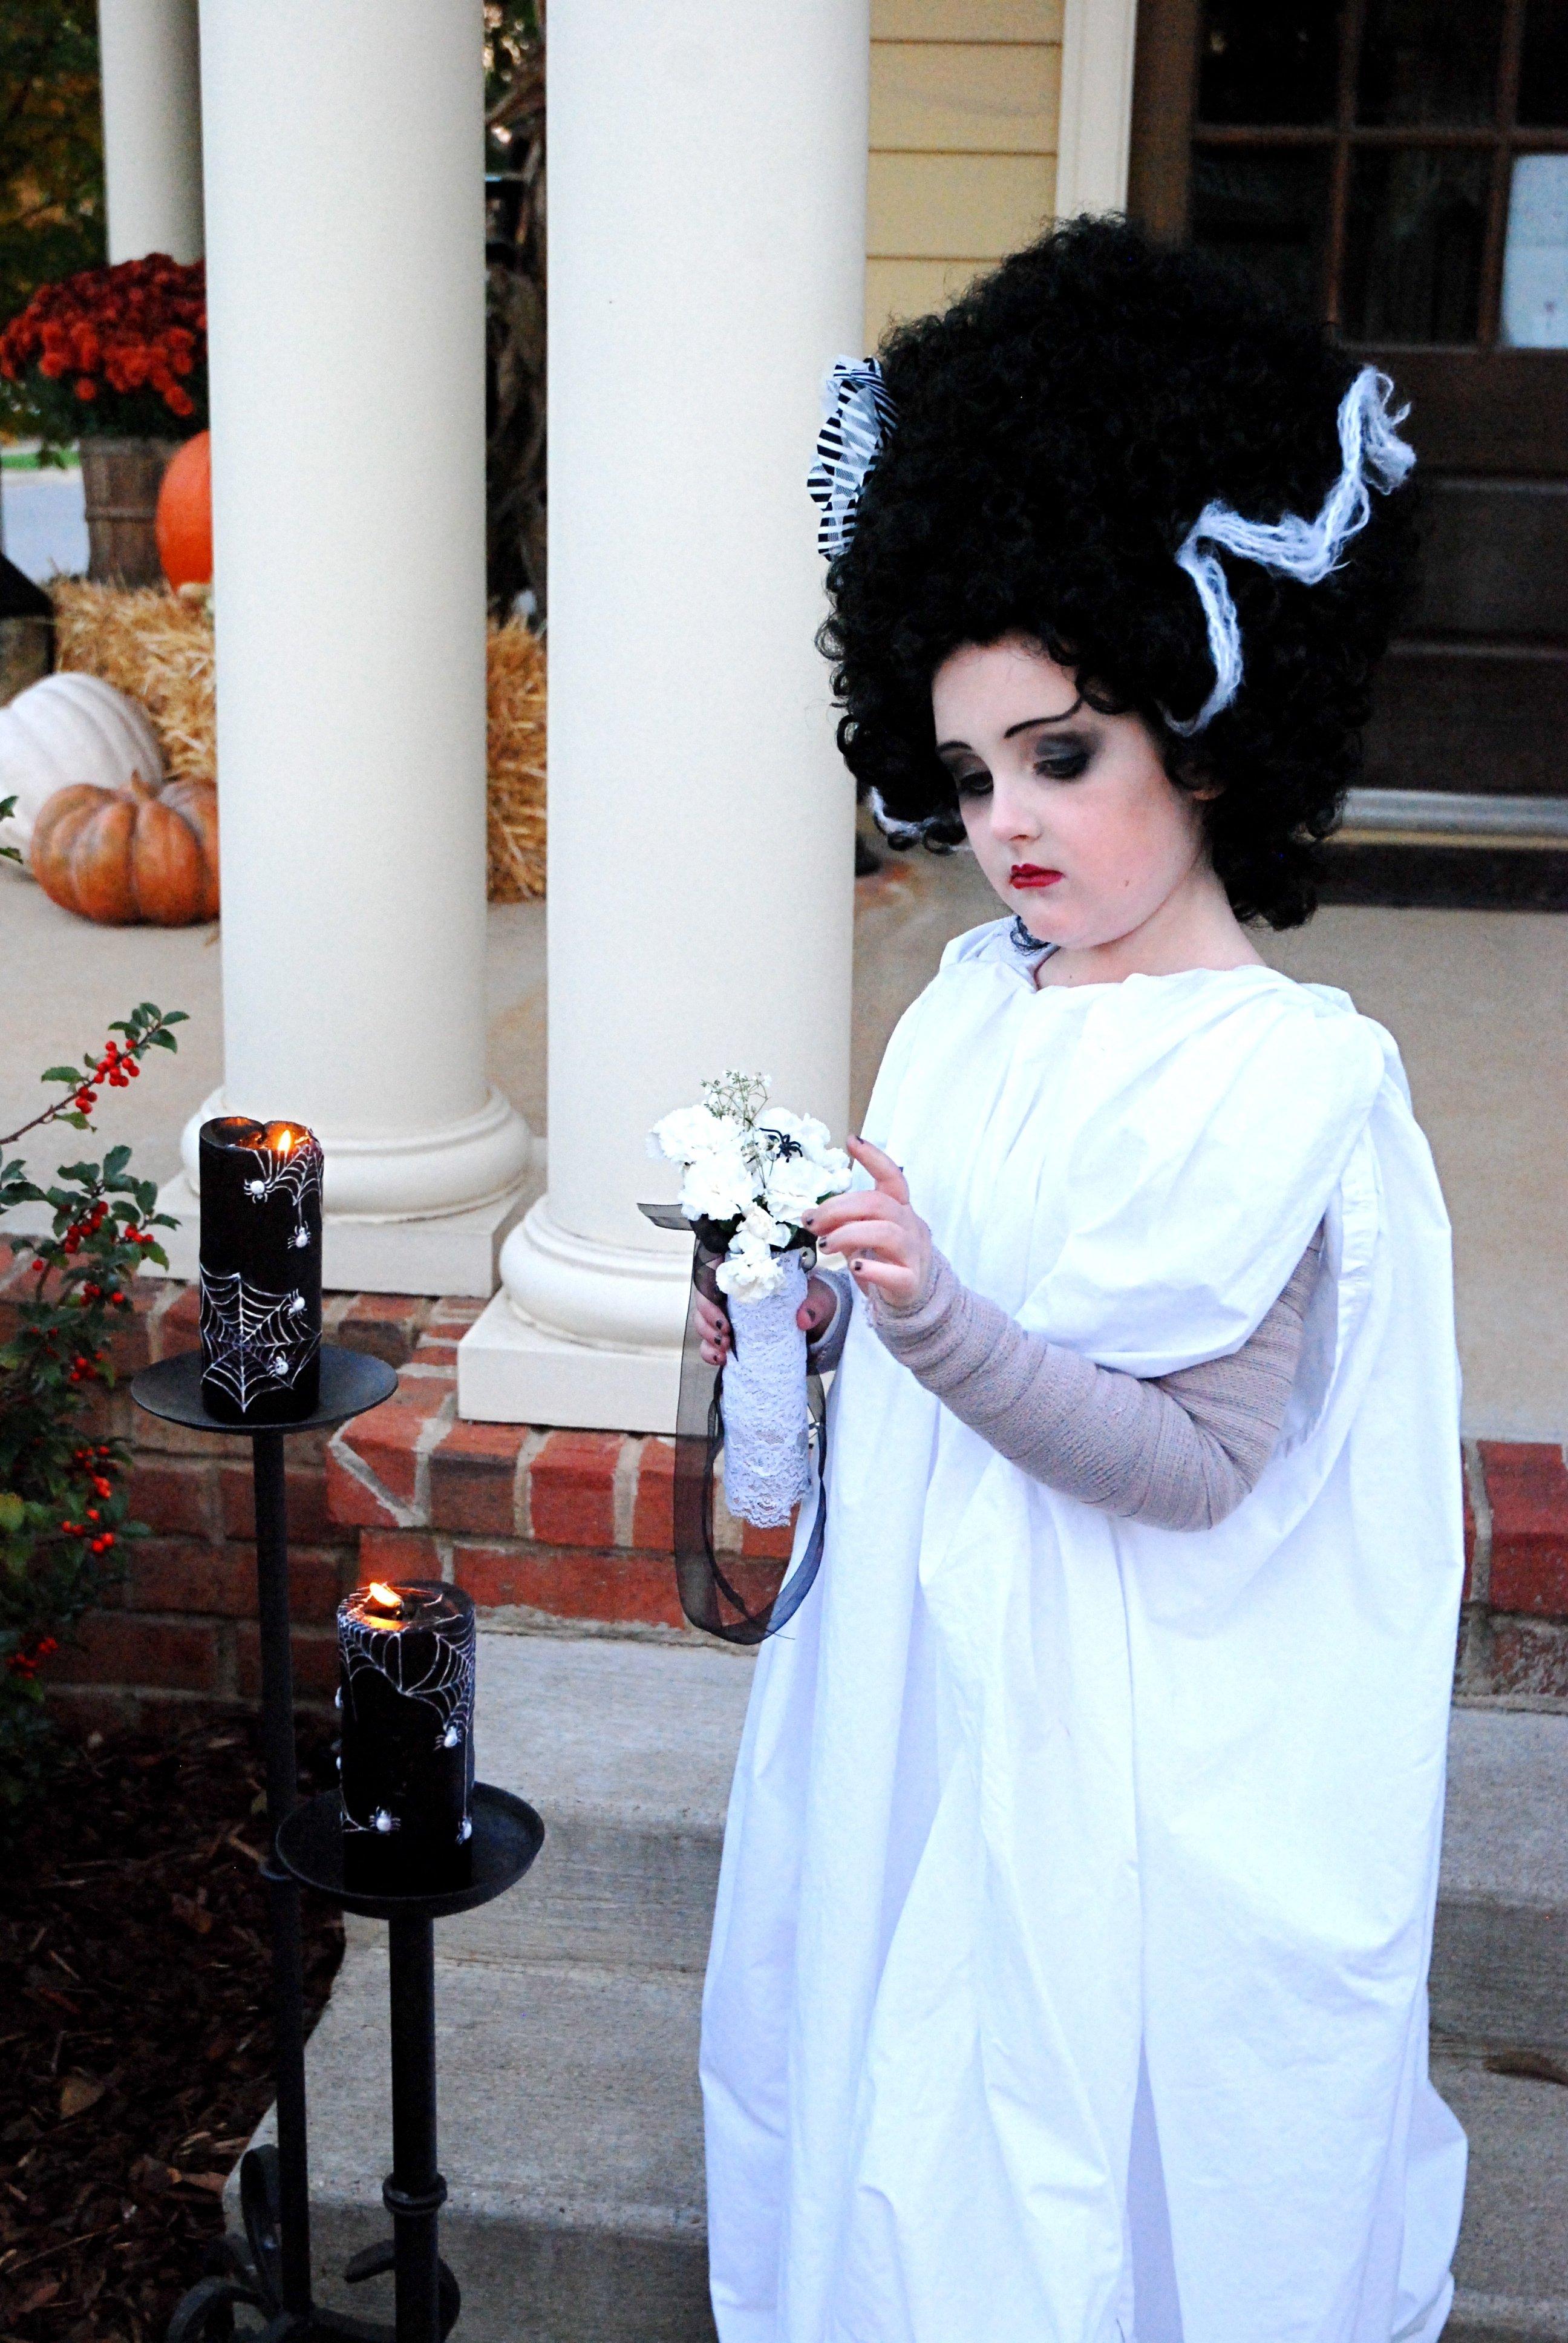 dyi/martha stewart costume bride of frankenstein | costumes